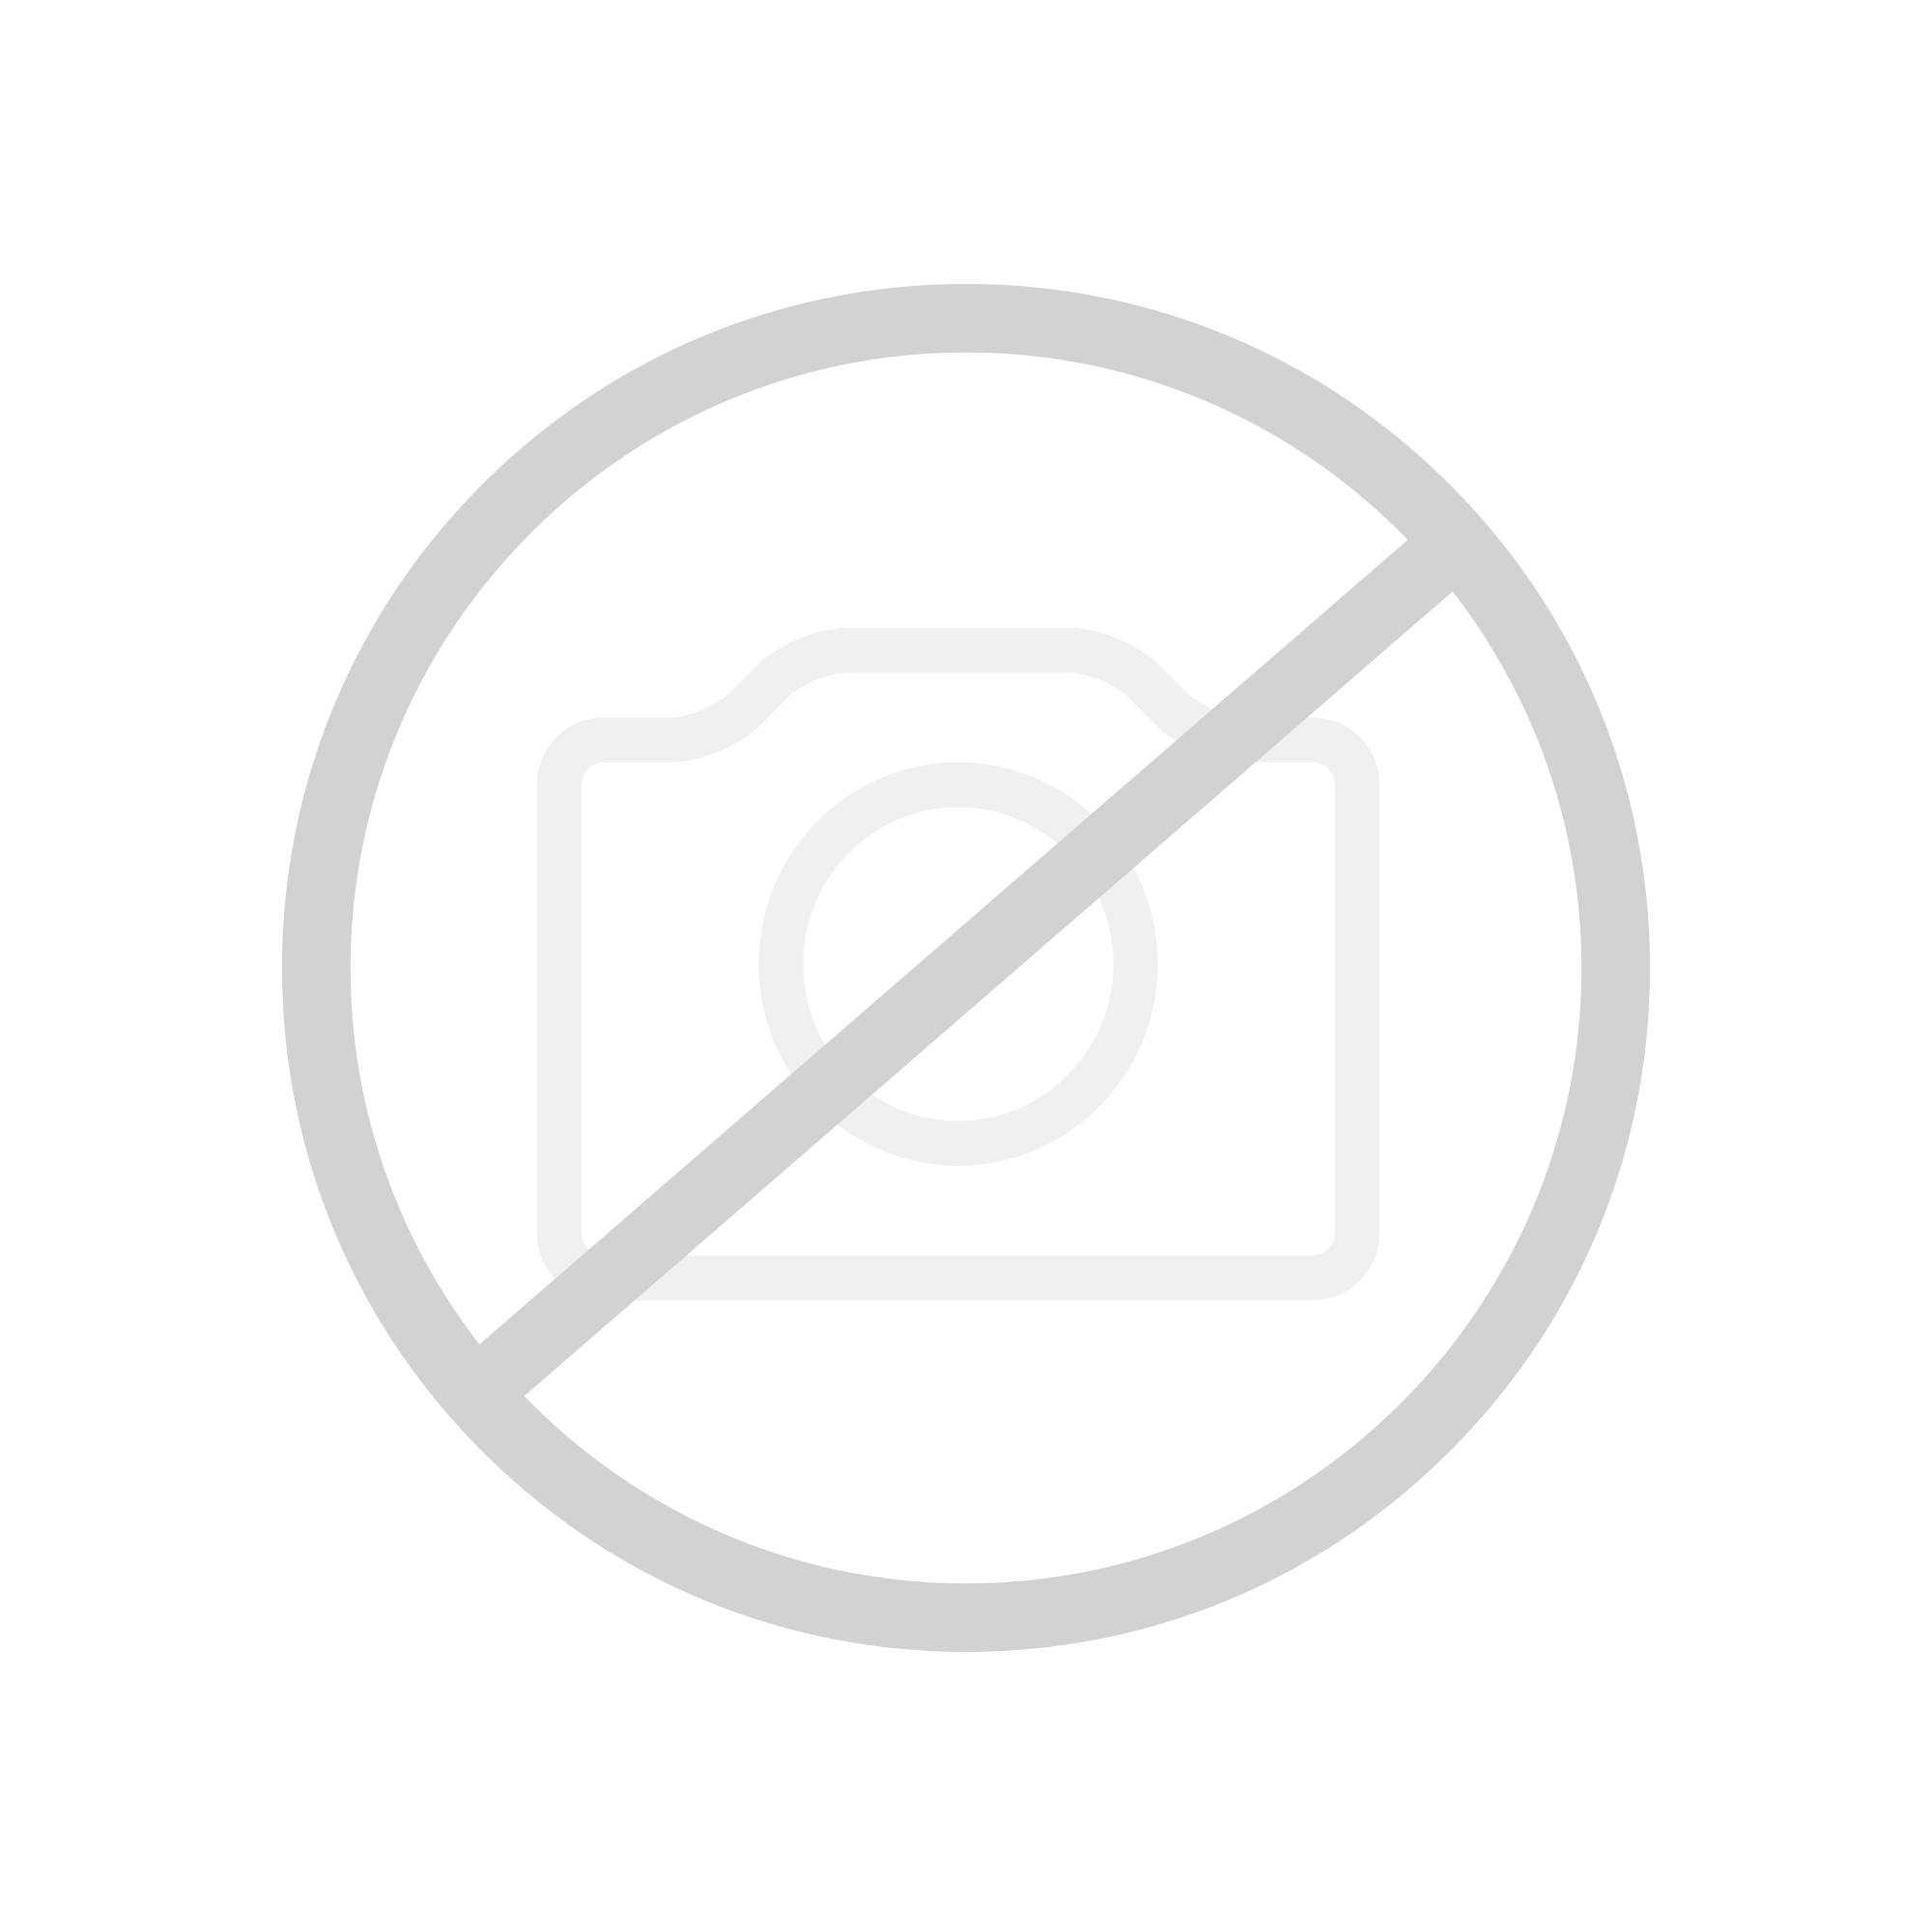 Grohe Rapid SL Montageelement für Wand-WC, Spülkasten GD 2, 6 - 9 l